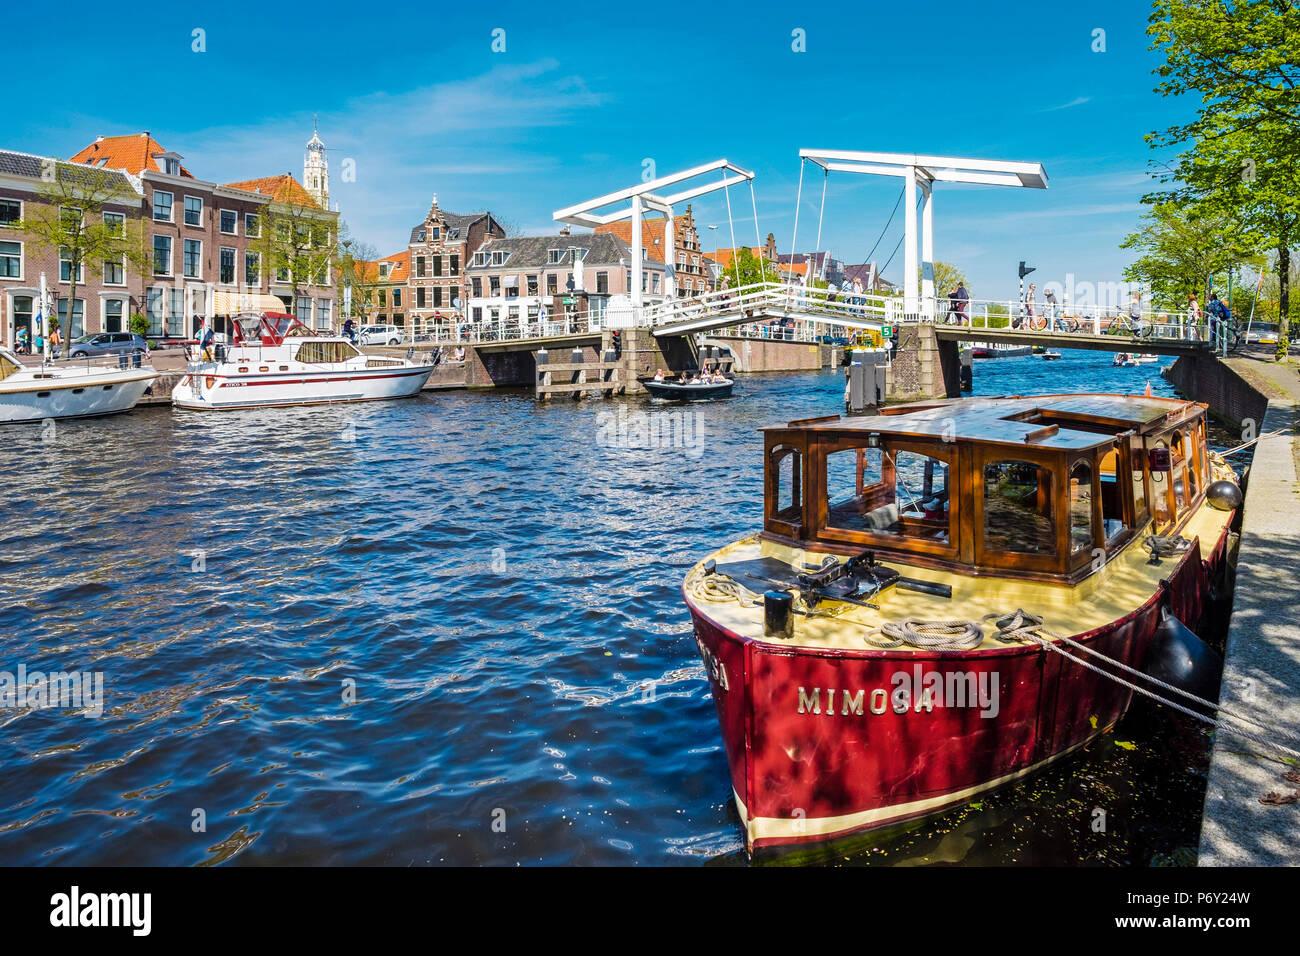 Netherlands, North Holland, Haarlem. Gravestenenbrug drawbridge and boats on the Spaarne River. - Stock Image